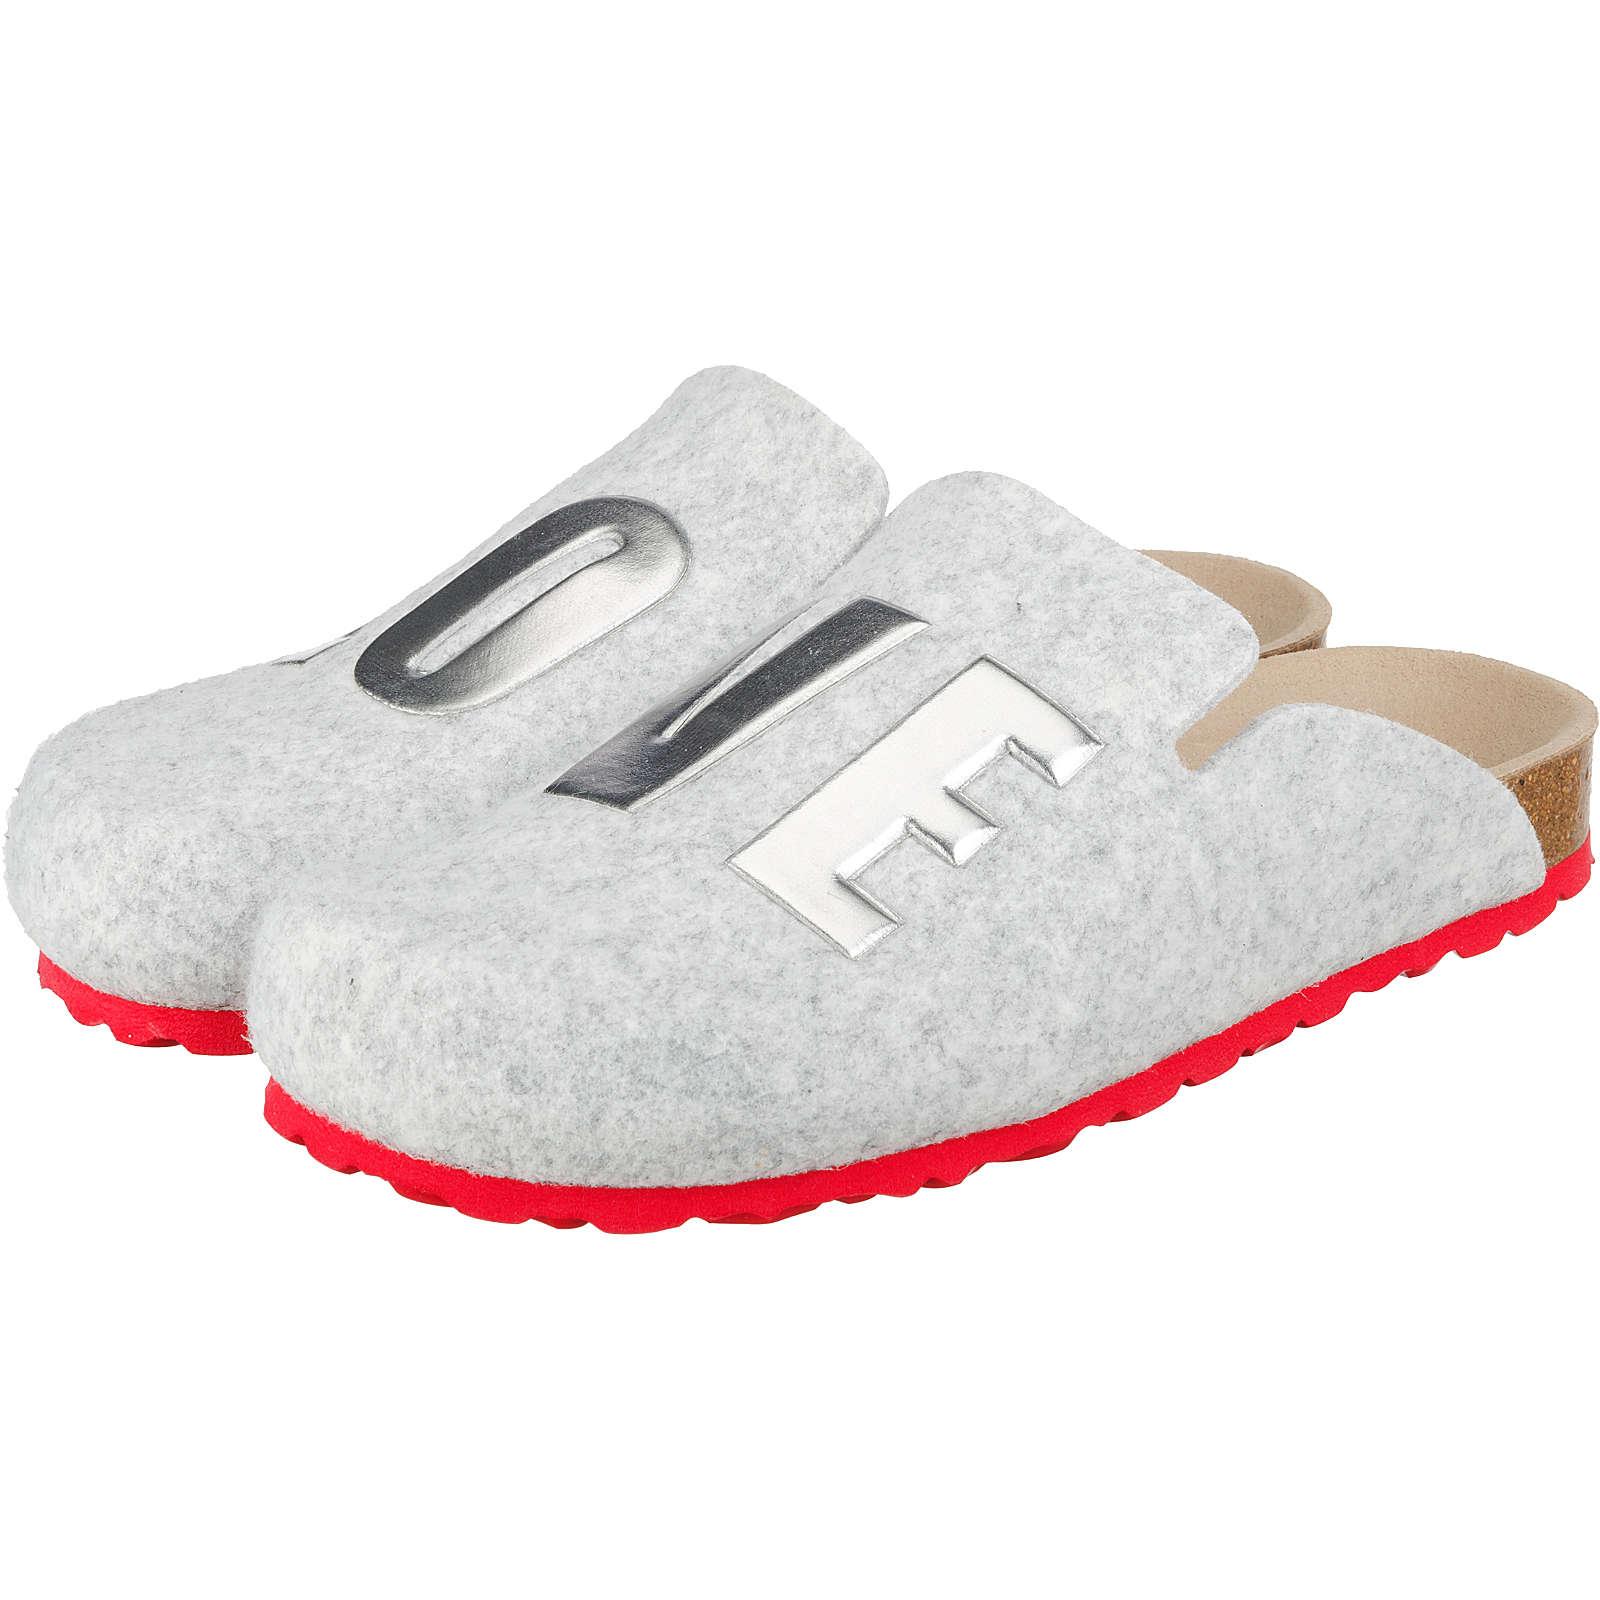 ESPRIT Pantoffeln grau Damen Gr. 39